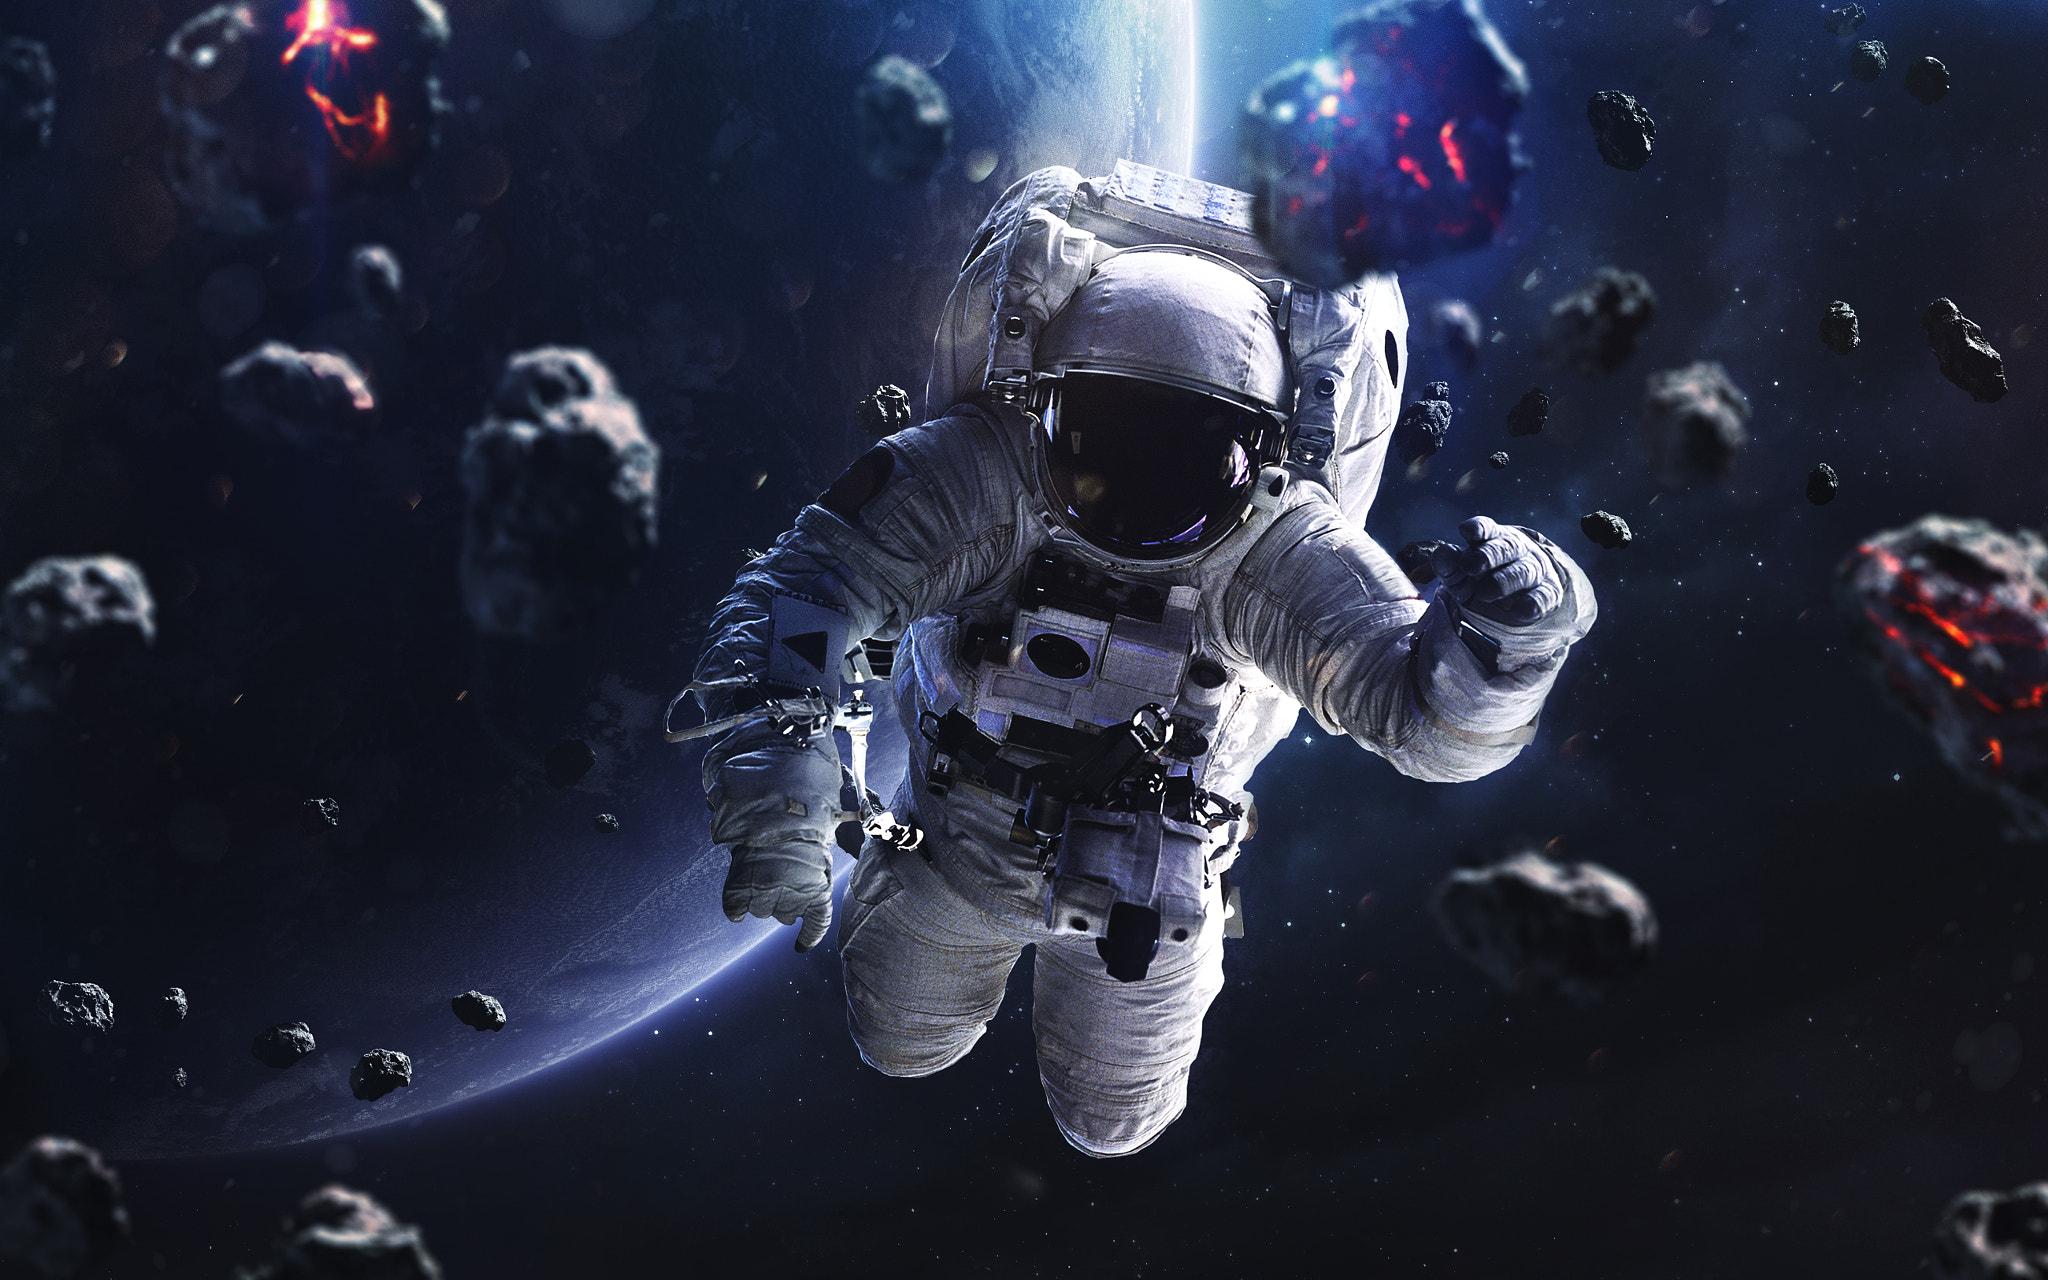 картинки космоса и планет и космонавтов яркий оттенок идеально